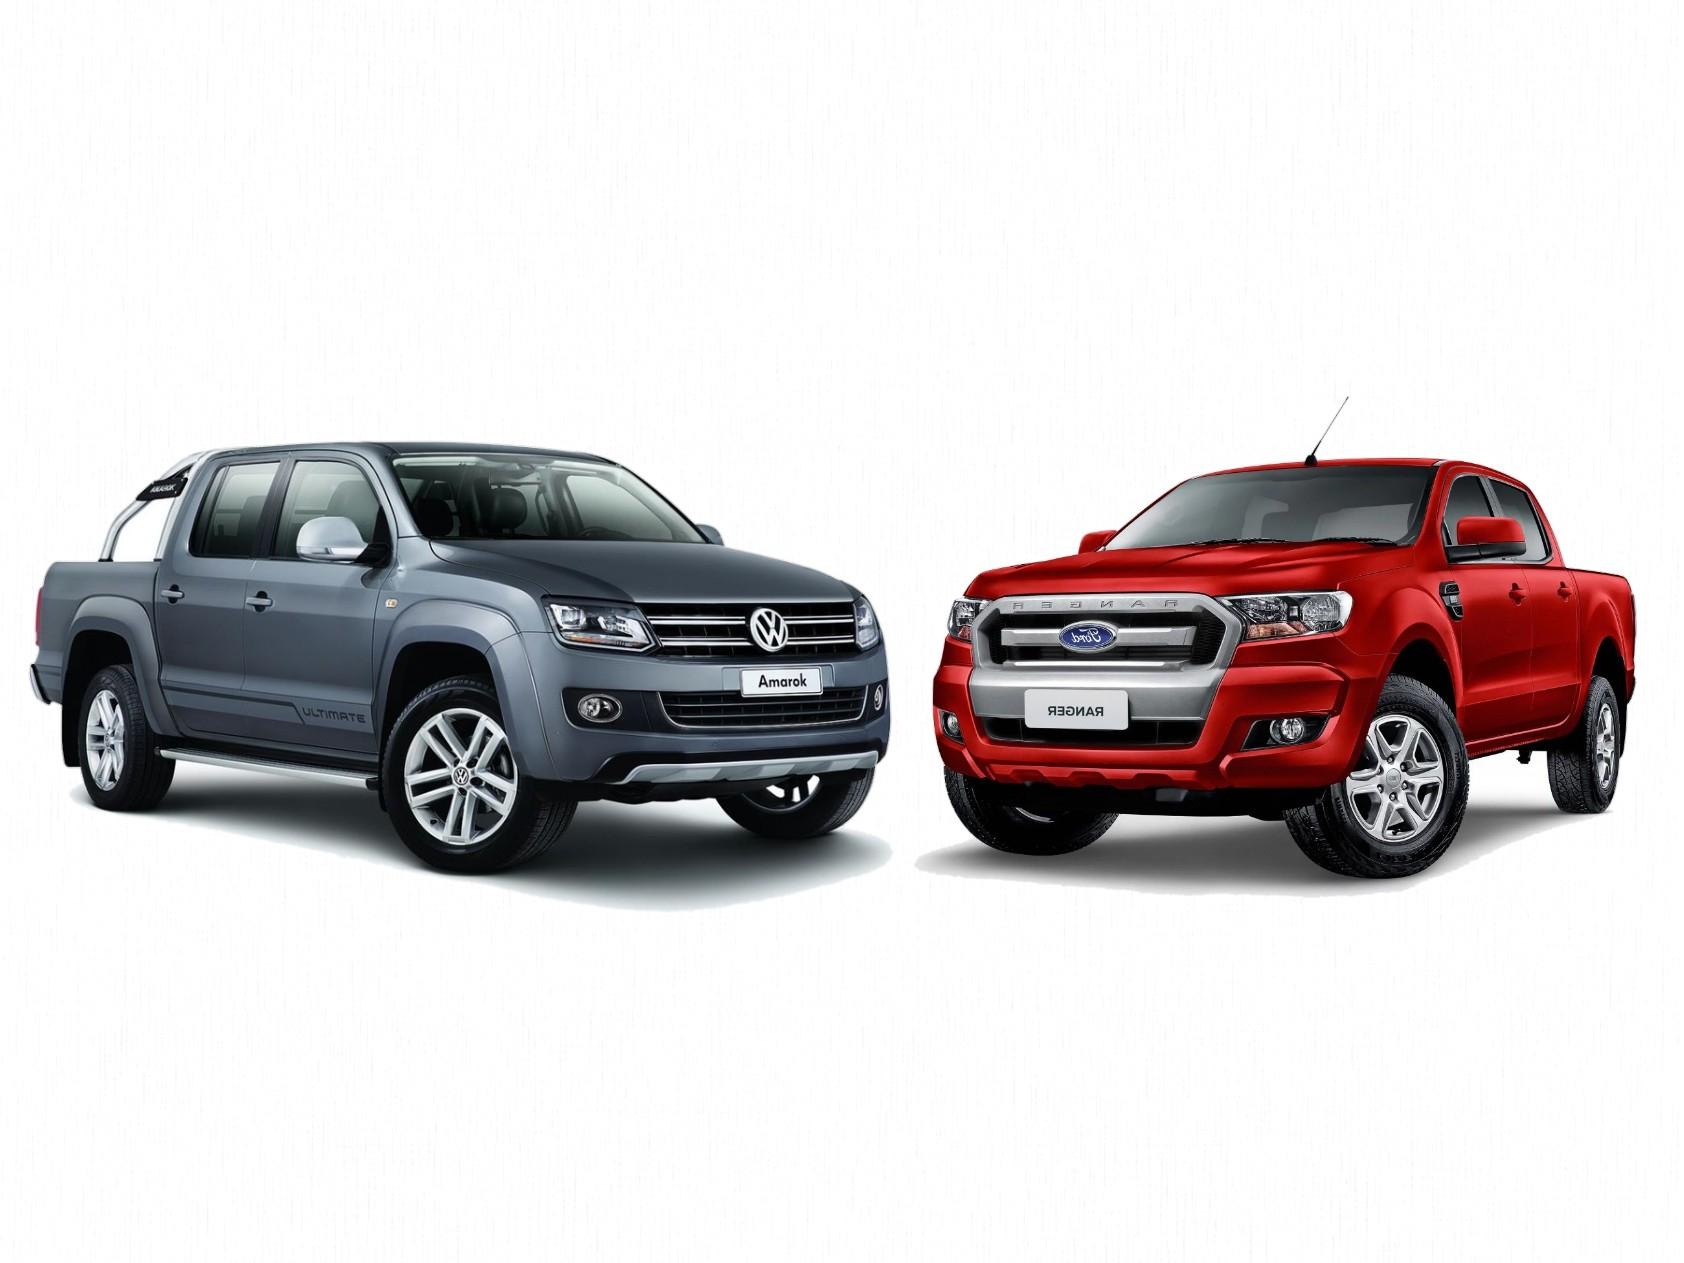 大众全新皮卡用福特技术,第二代Amarok和Ranger同平台